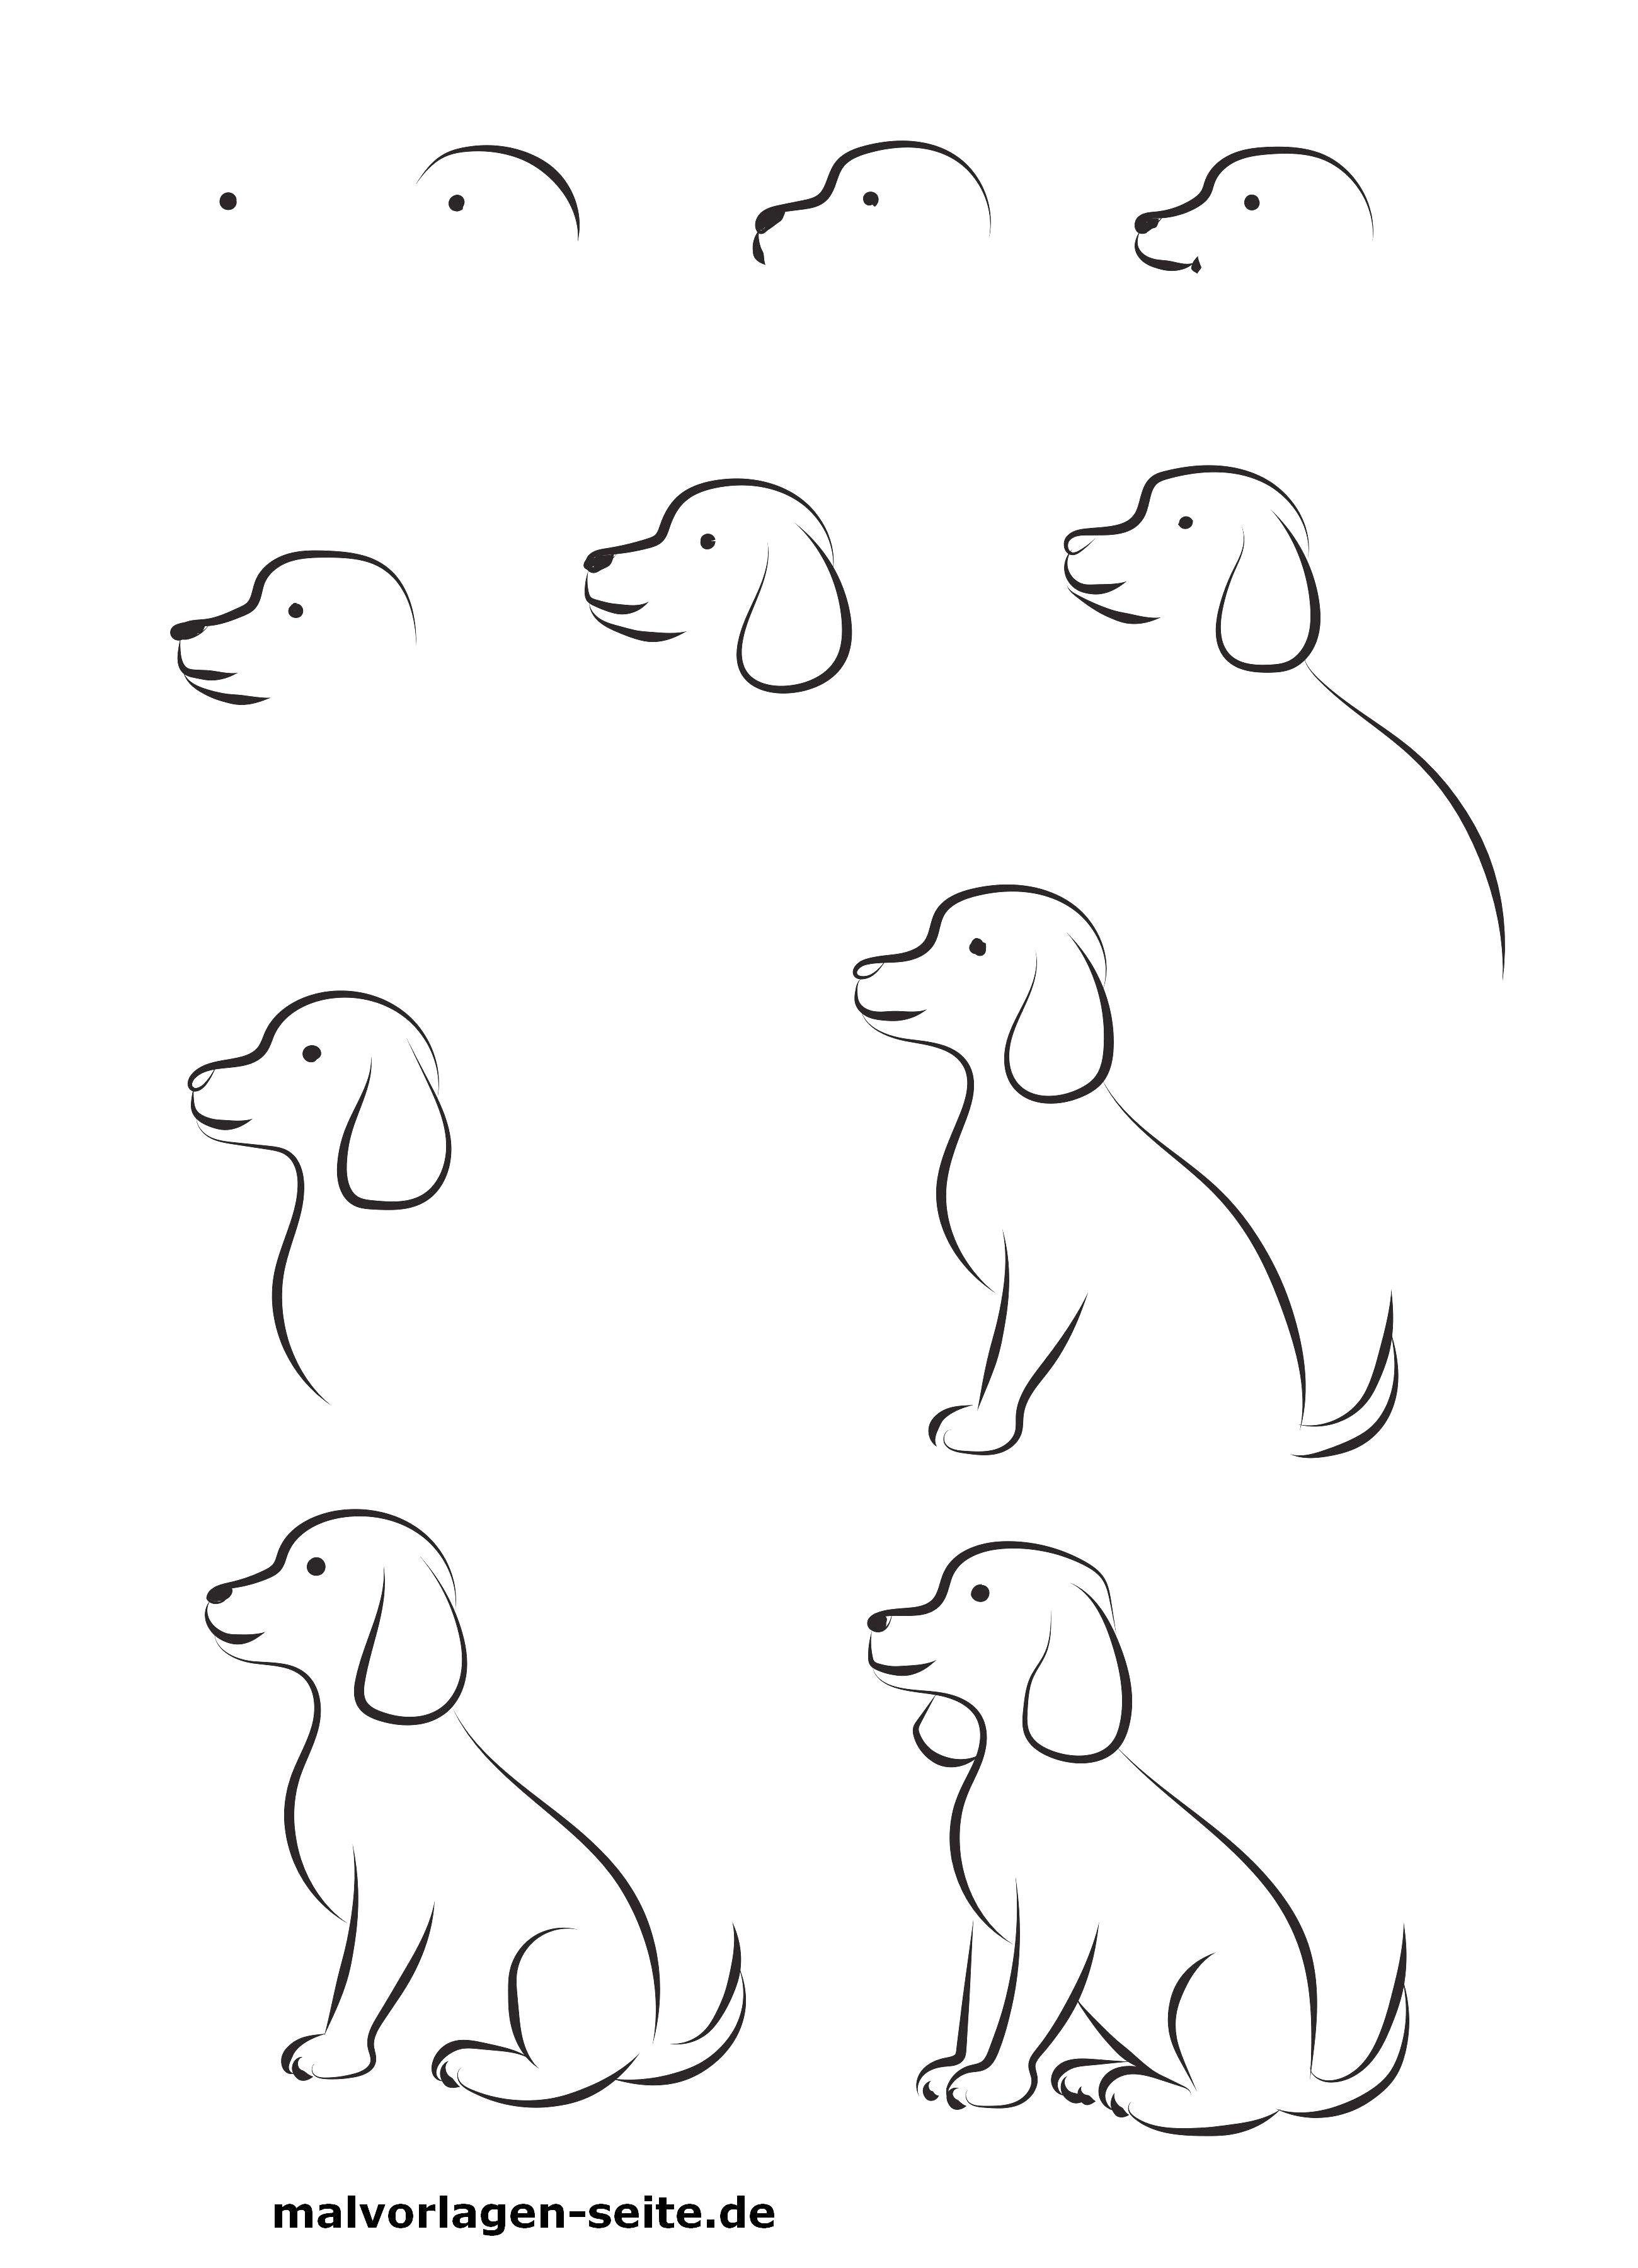 Malen Einfache Motive Aquarell Aquarelleinfach Aquarellmalen Aquarellmalenanleitung Aquarellmaleneinfach Bilder Malen Einfach Hund Malen Hundezeichnung